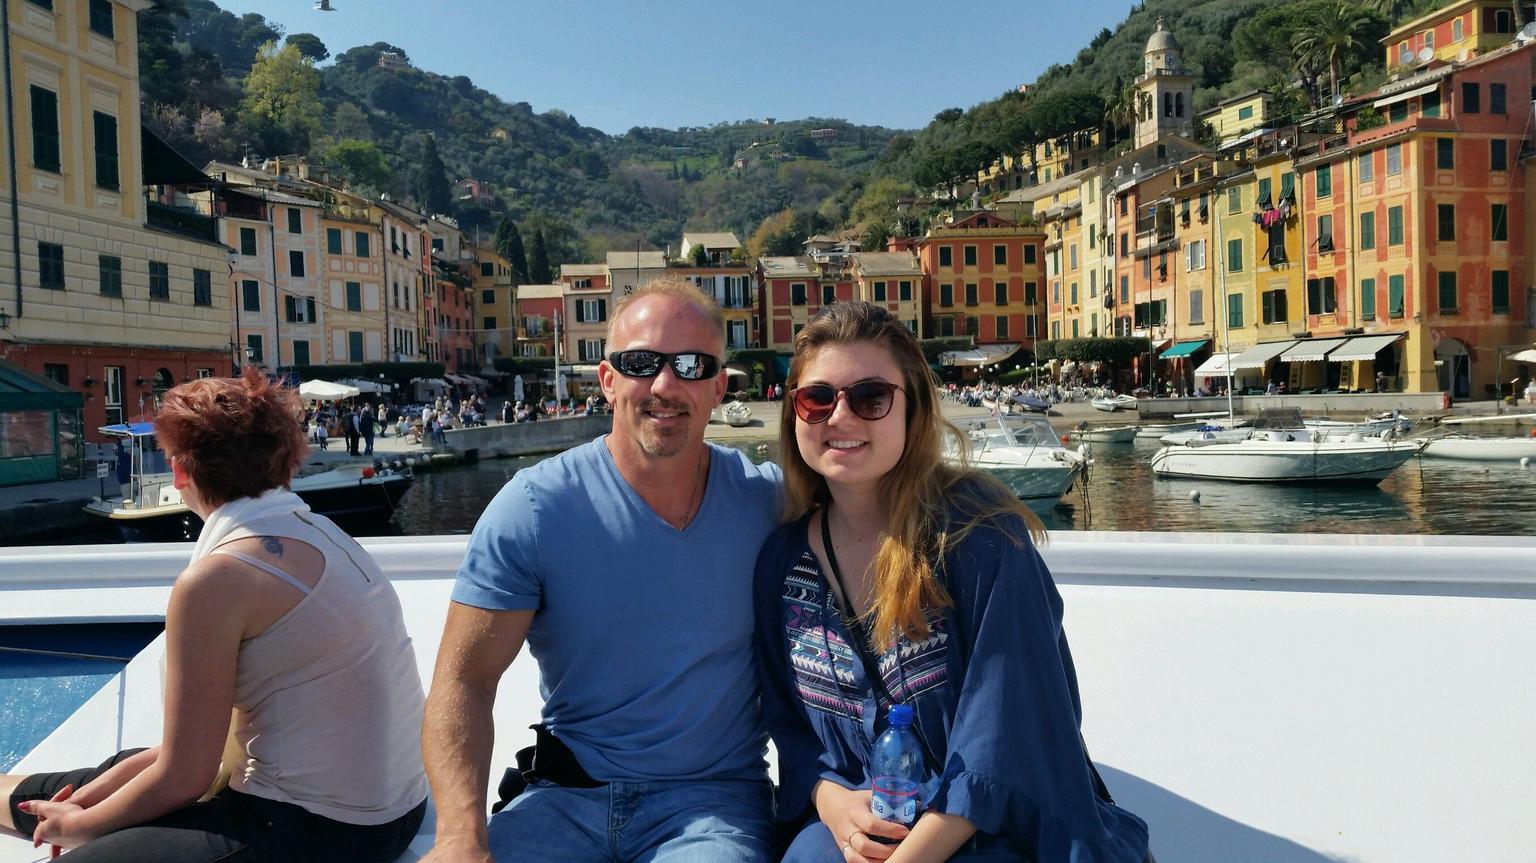 MÁS FOTOS, Excursión de un día a Génova y Portofino desde Milán